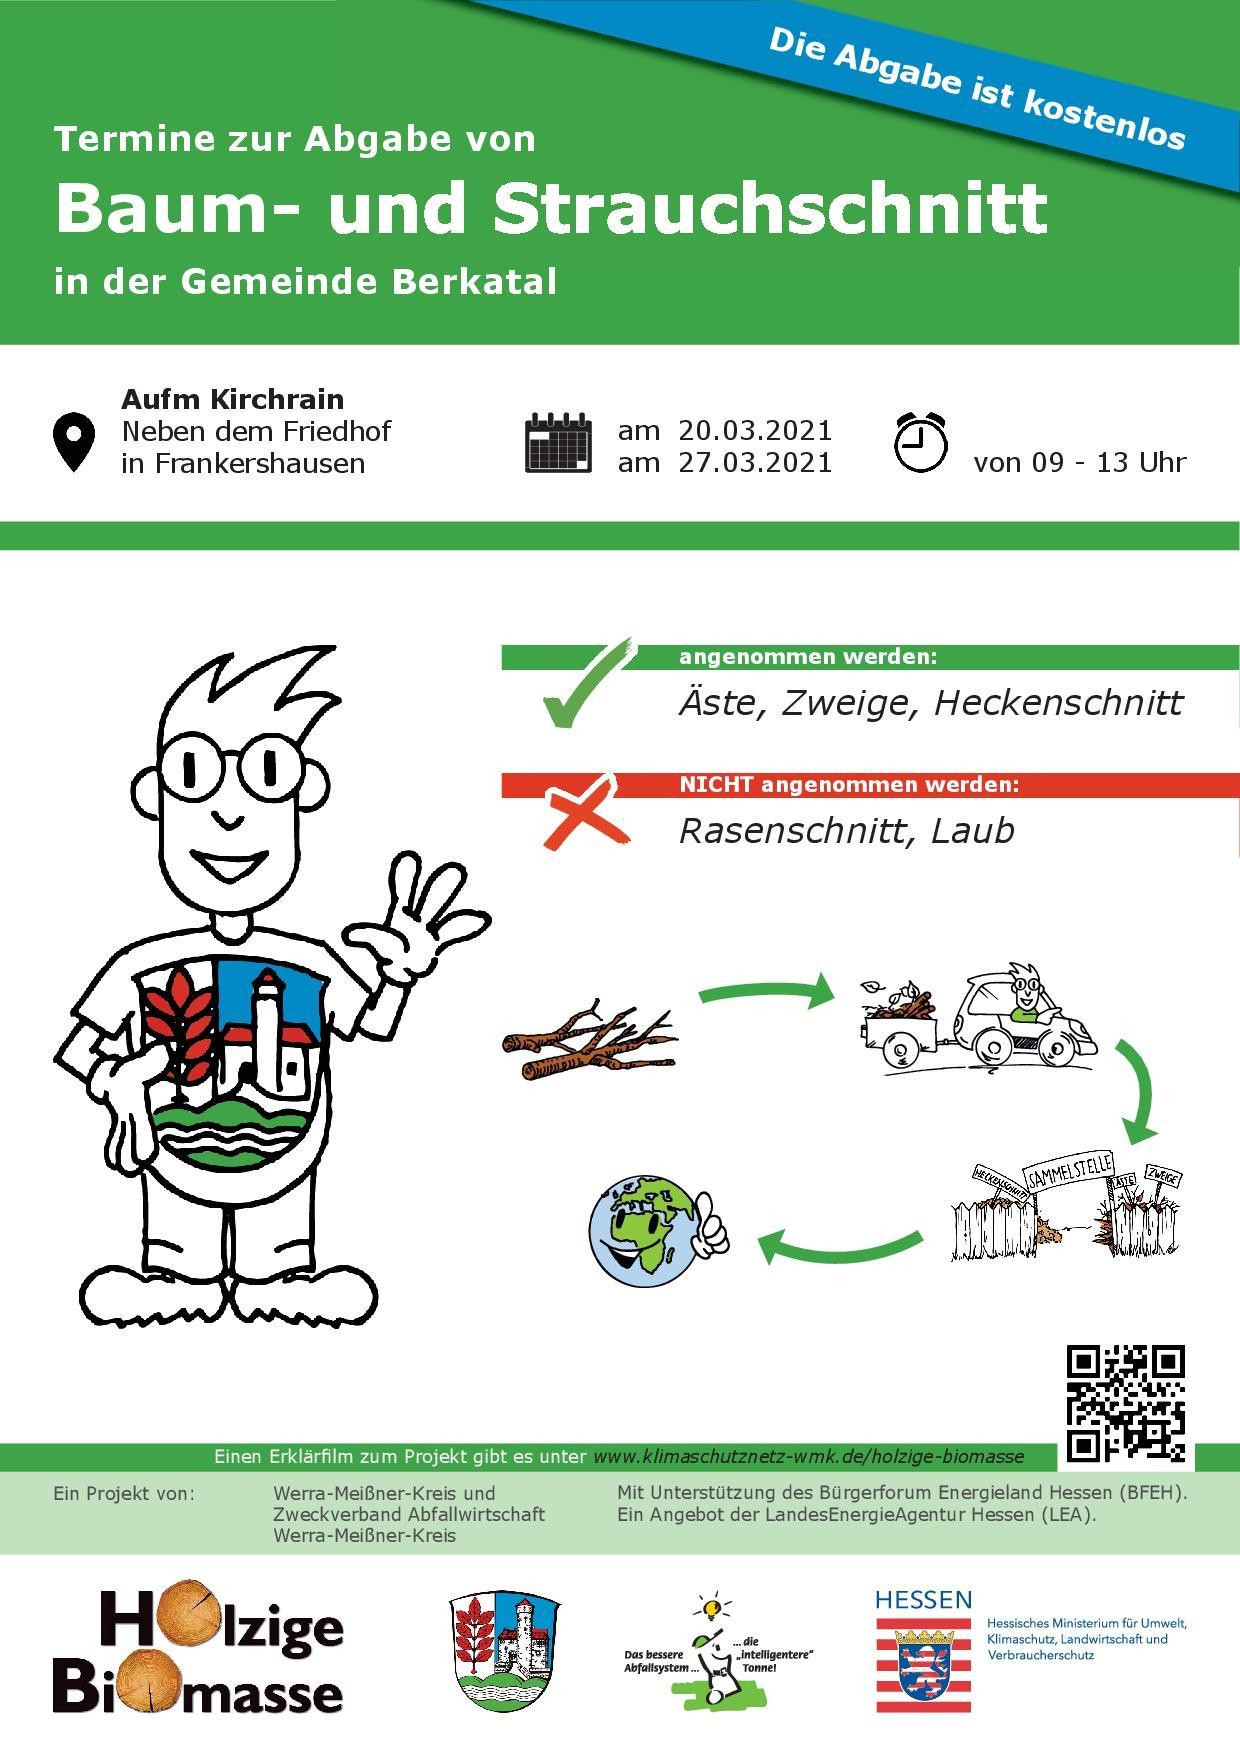 Holzige Biomasse Plakat 2021